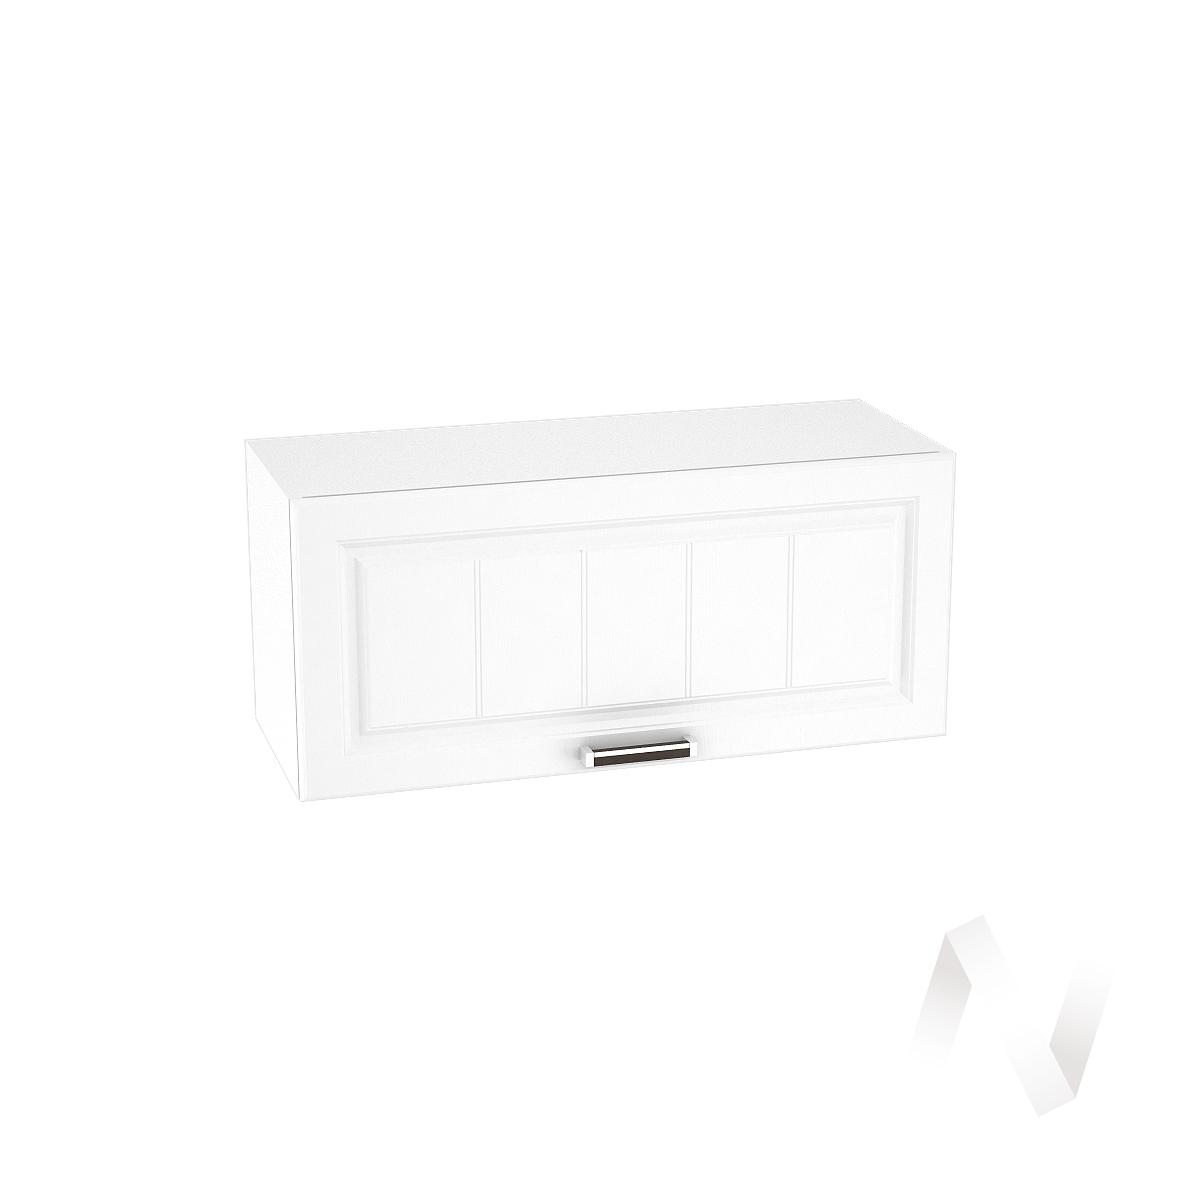 """Кухня """"Прага"""": Шкаф верхний горизонтальный 800, ШВГ 800 (белое дерево/корпус белый)"""